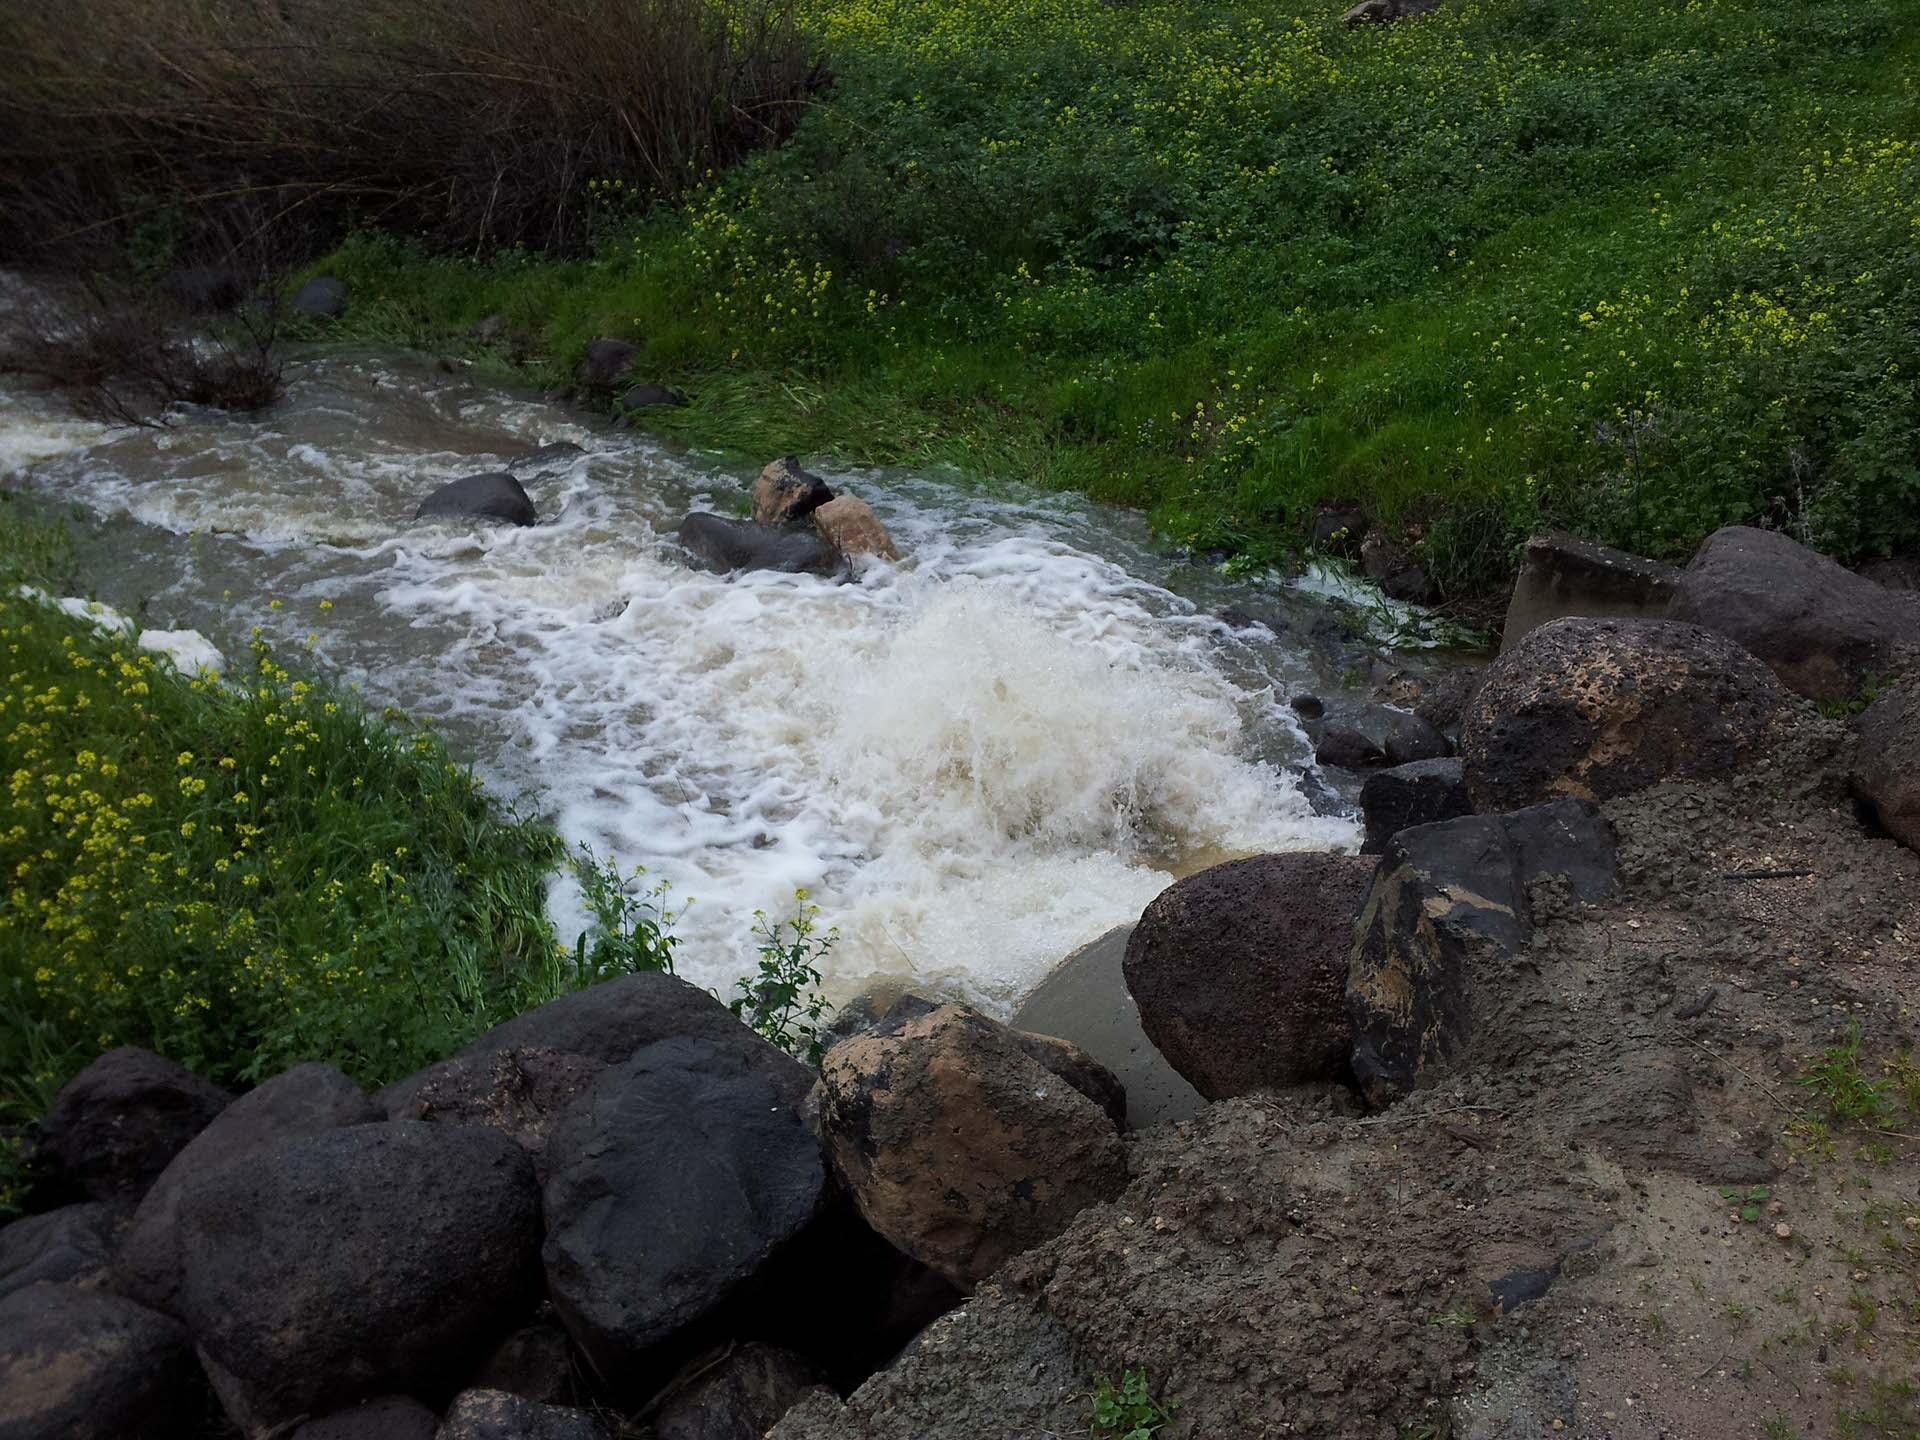 מים גועשים אחרי הגשמים בטיולי המשפחות של פלגי בזלת